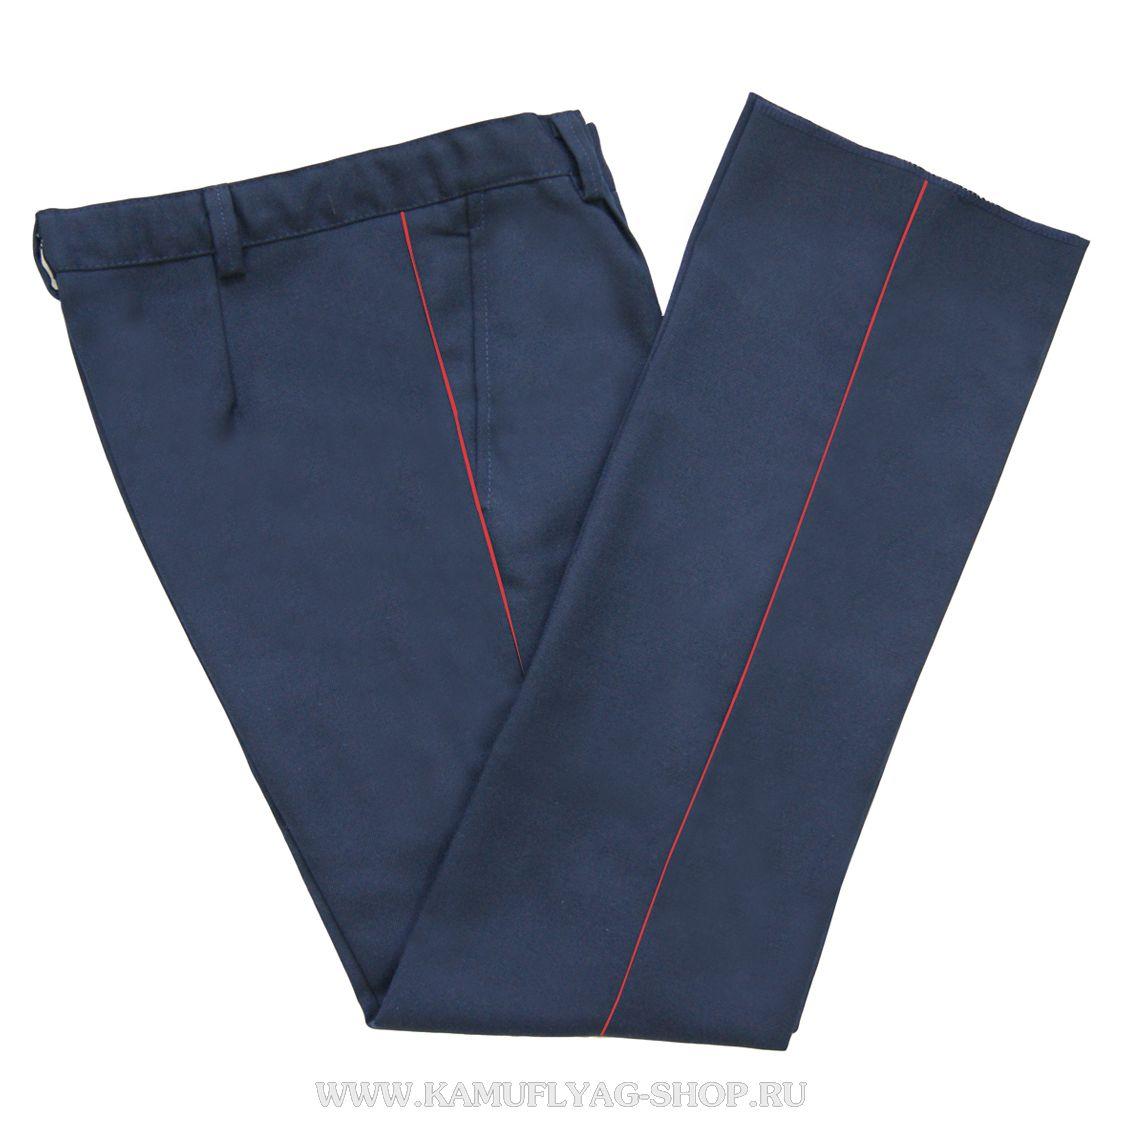 Брюки форменные синие с красным кантом